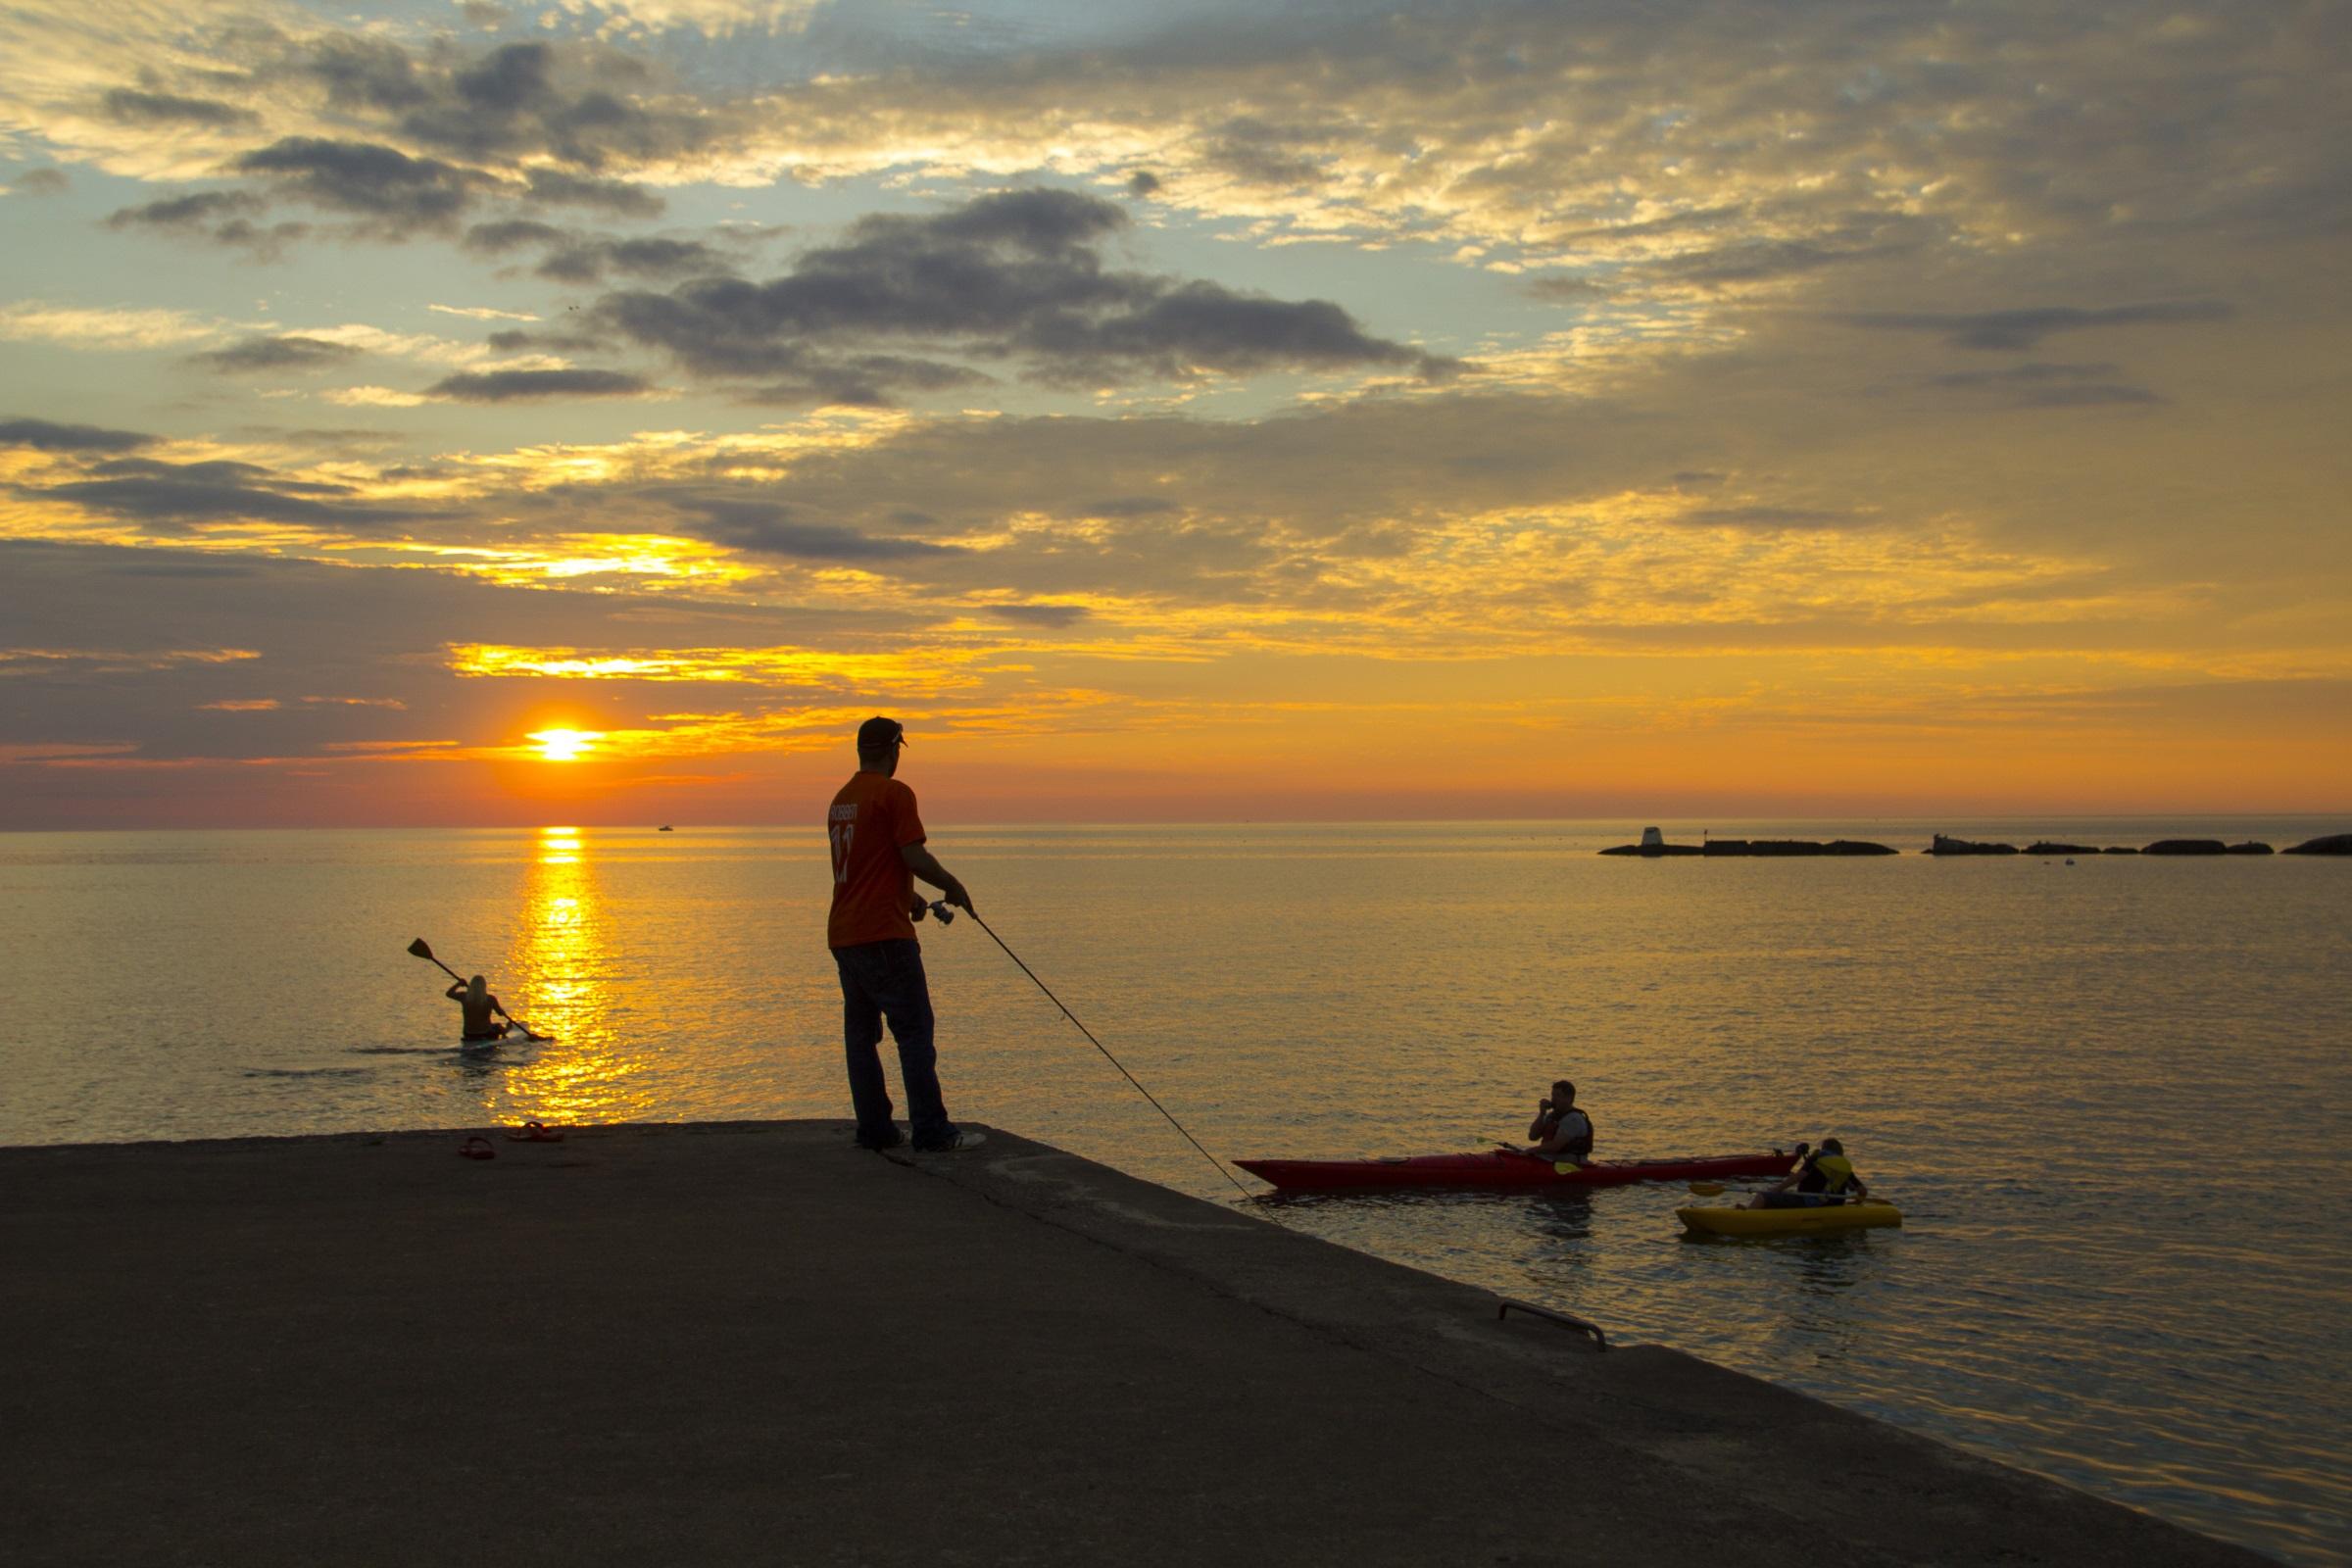 Summer Sunset (image resized)